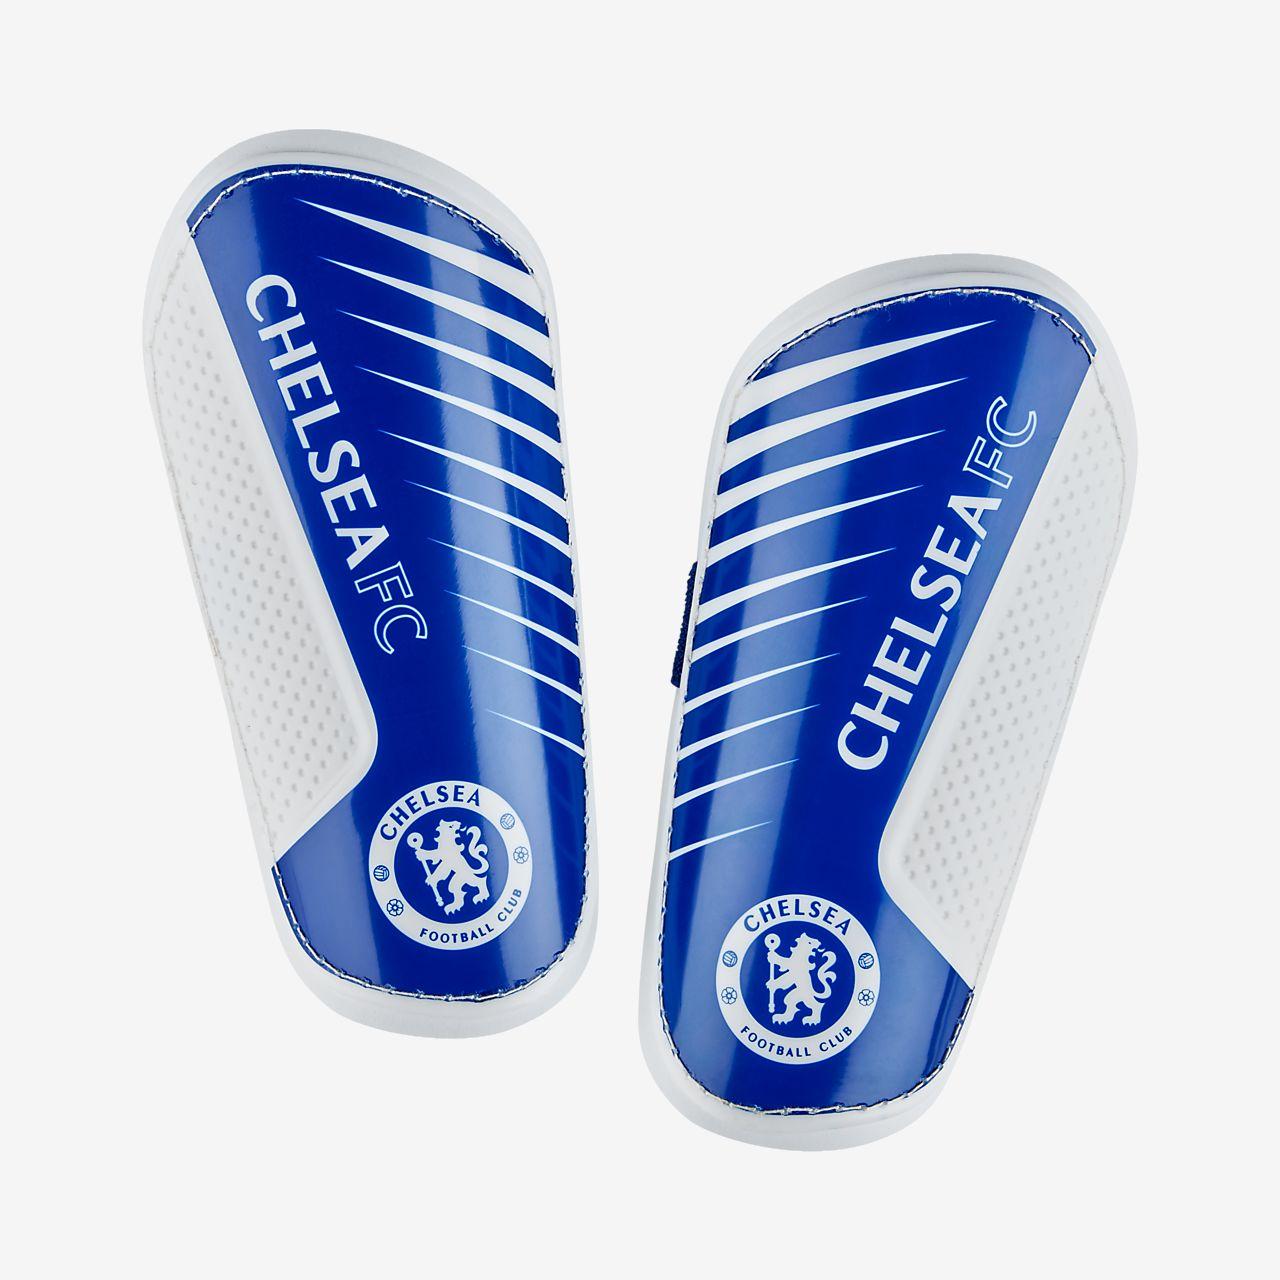 ... Chelsea FC Spike Fußball-Schienbeinschoner für jüngere Kinder